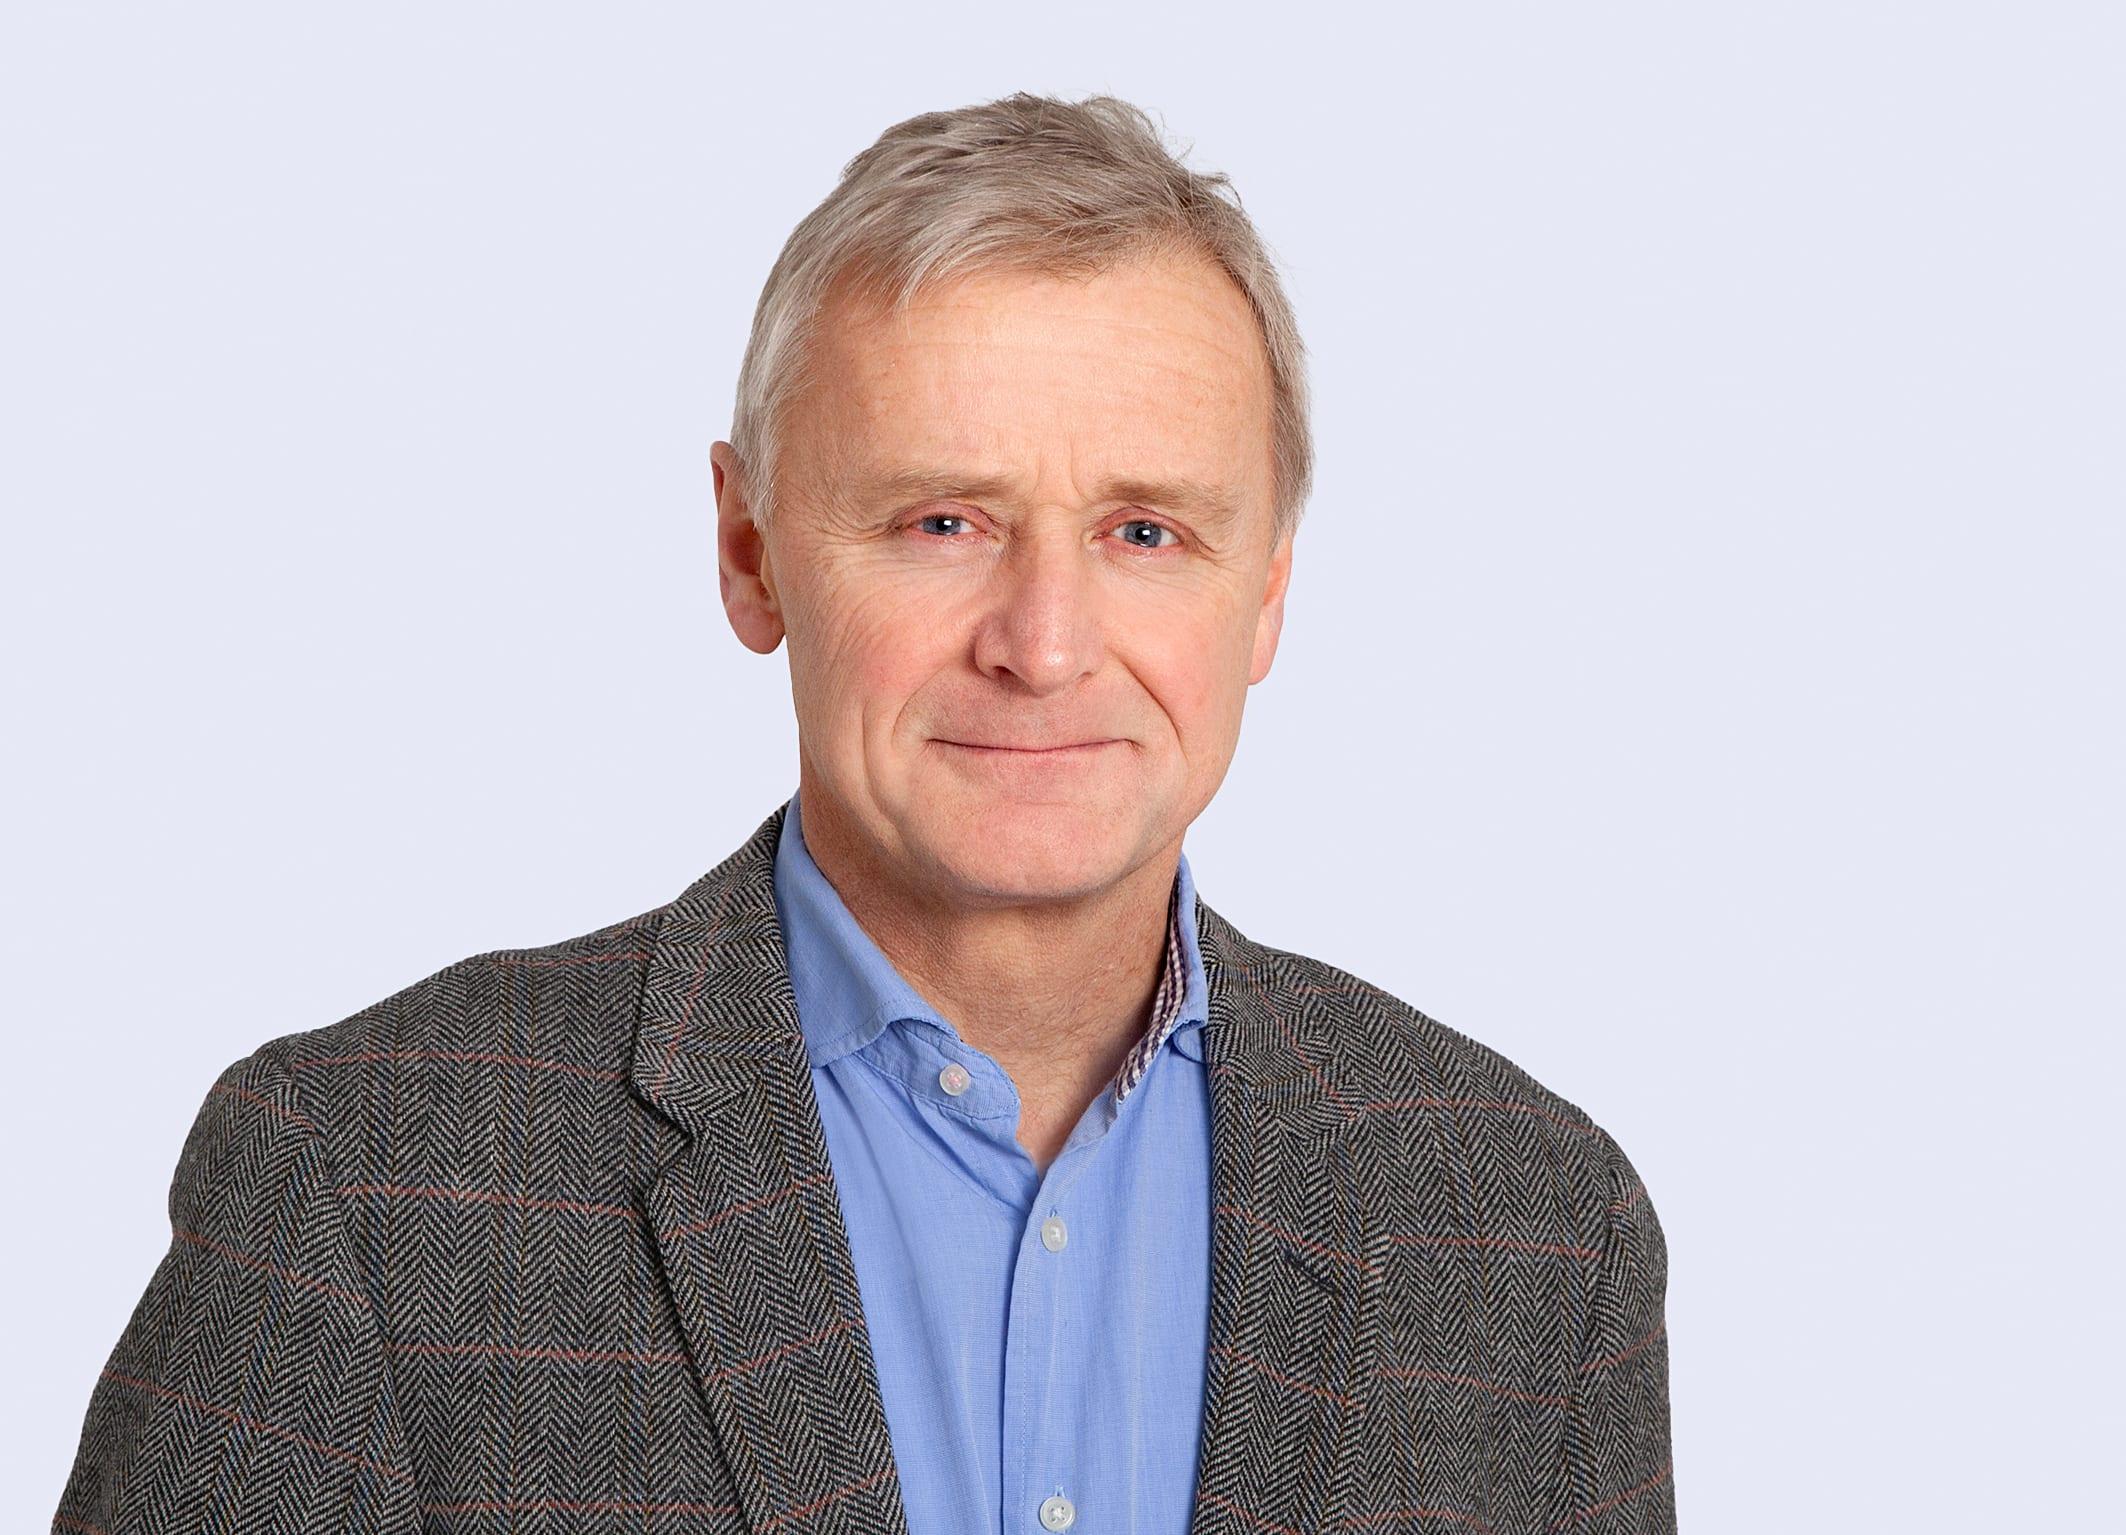 Rolf Helmich Pedersen